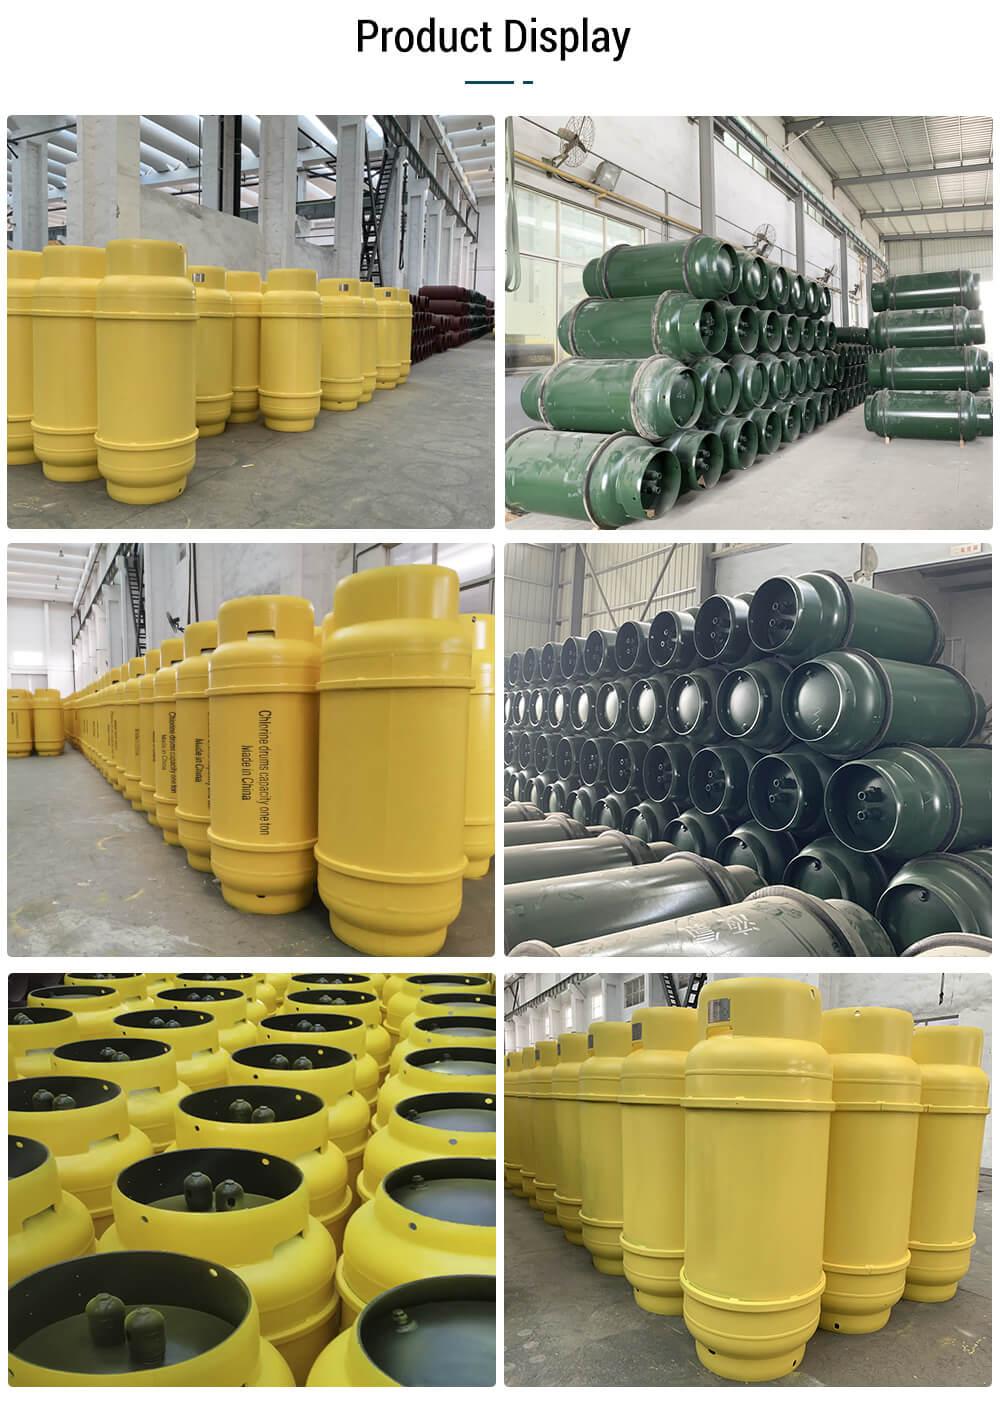 chlorine-gas-cylinder